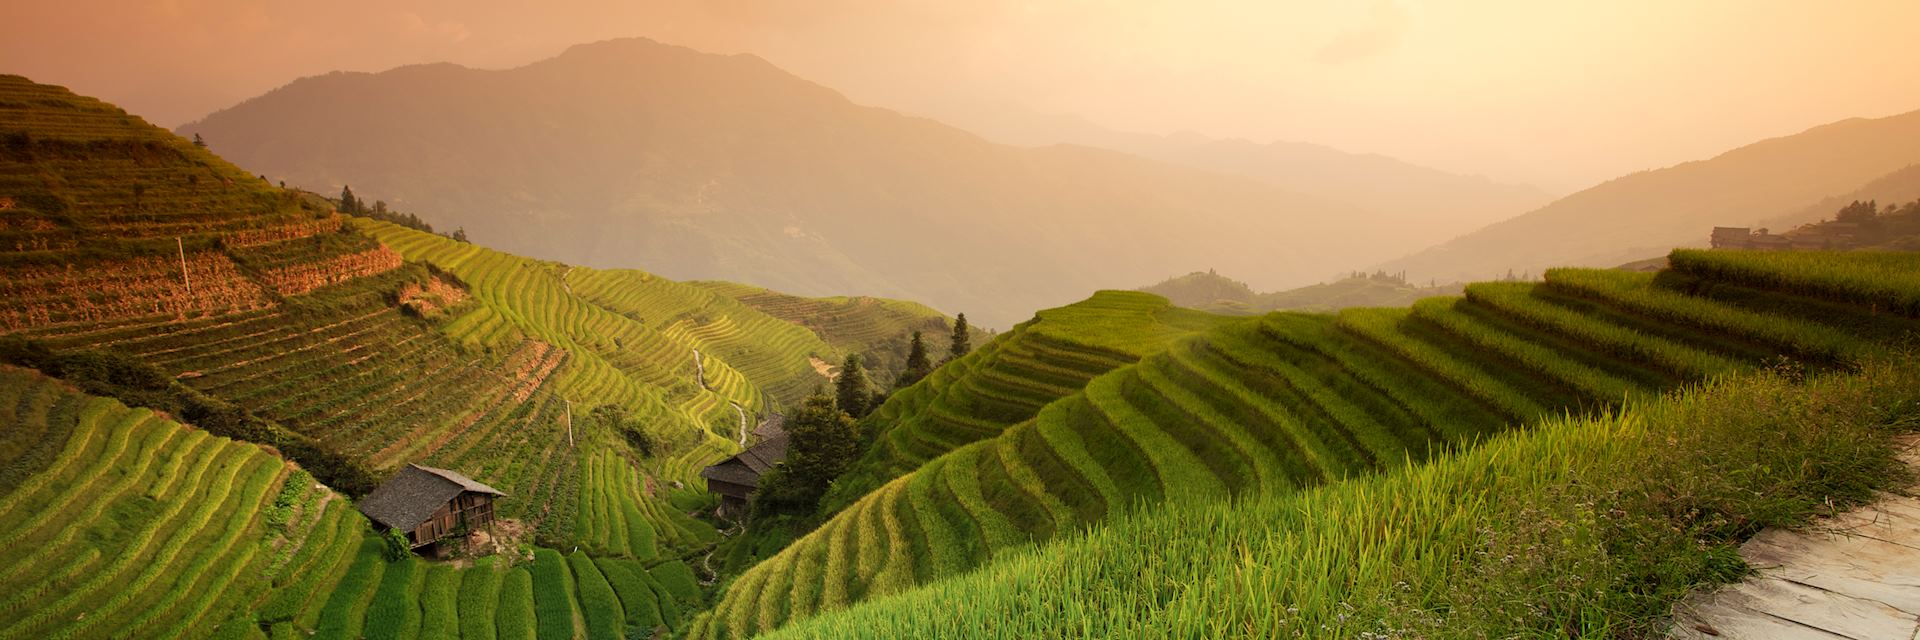 Rice terraces in Longji